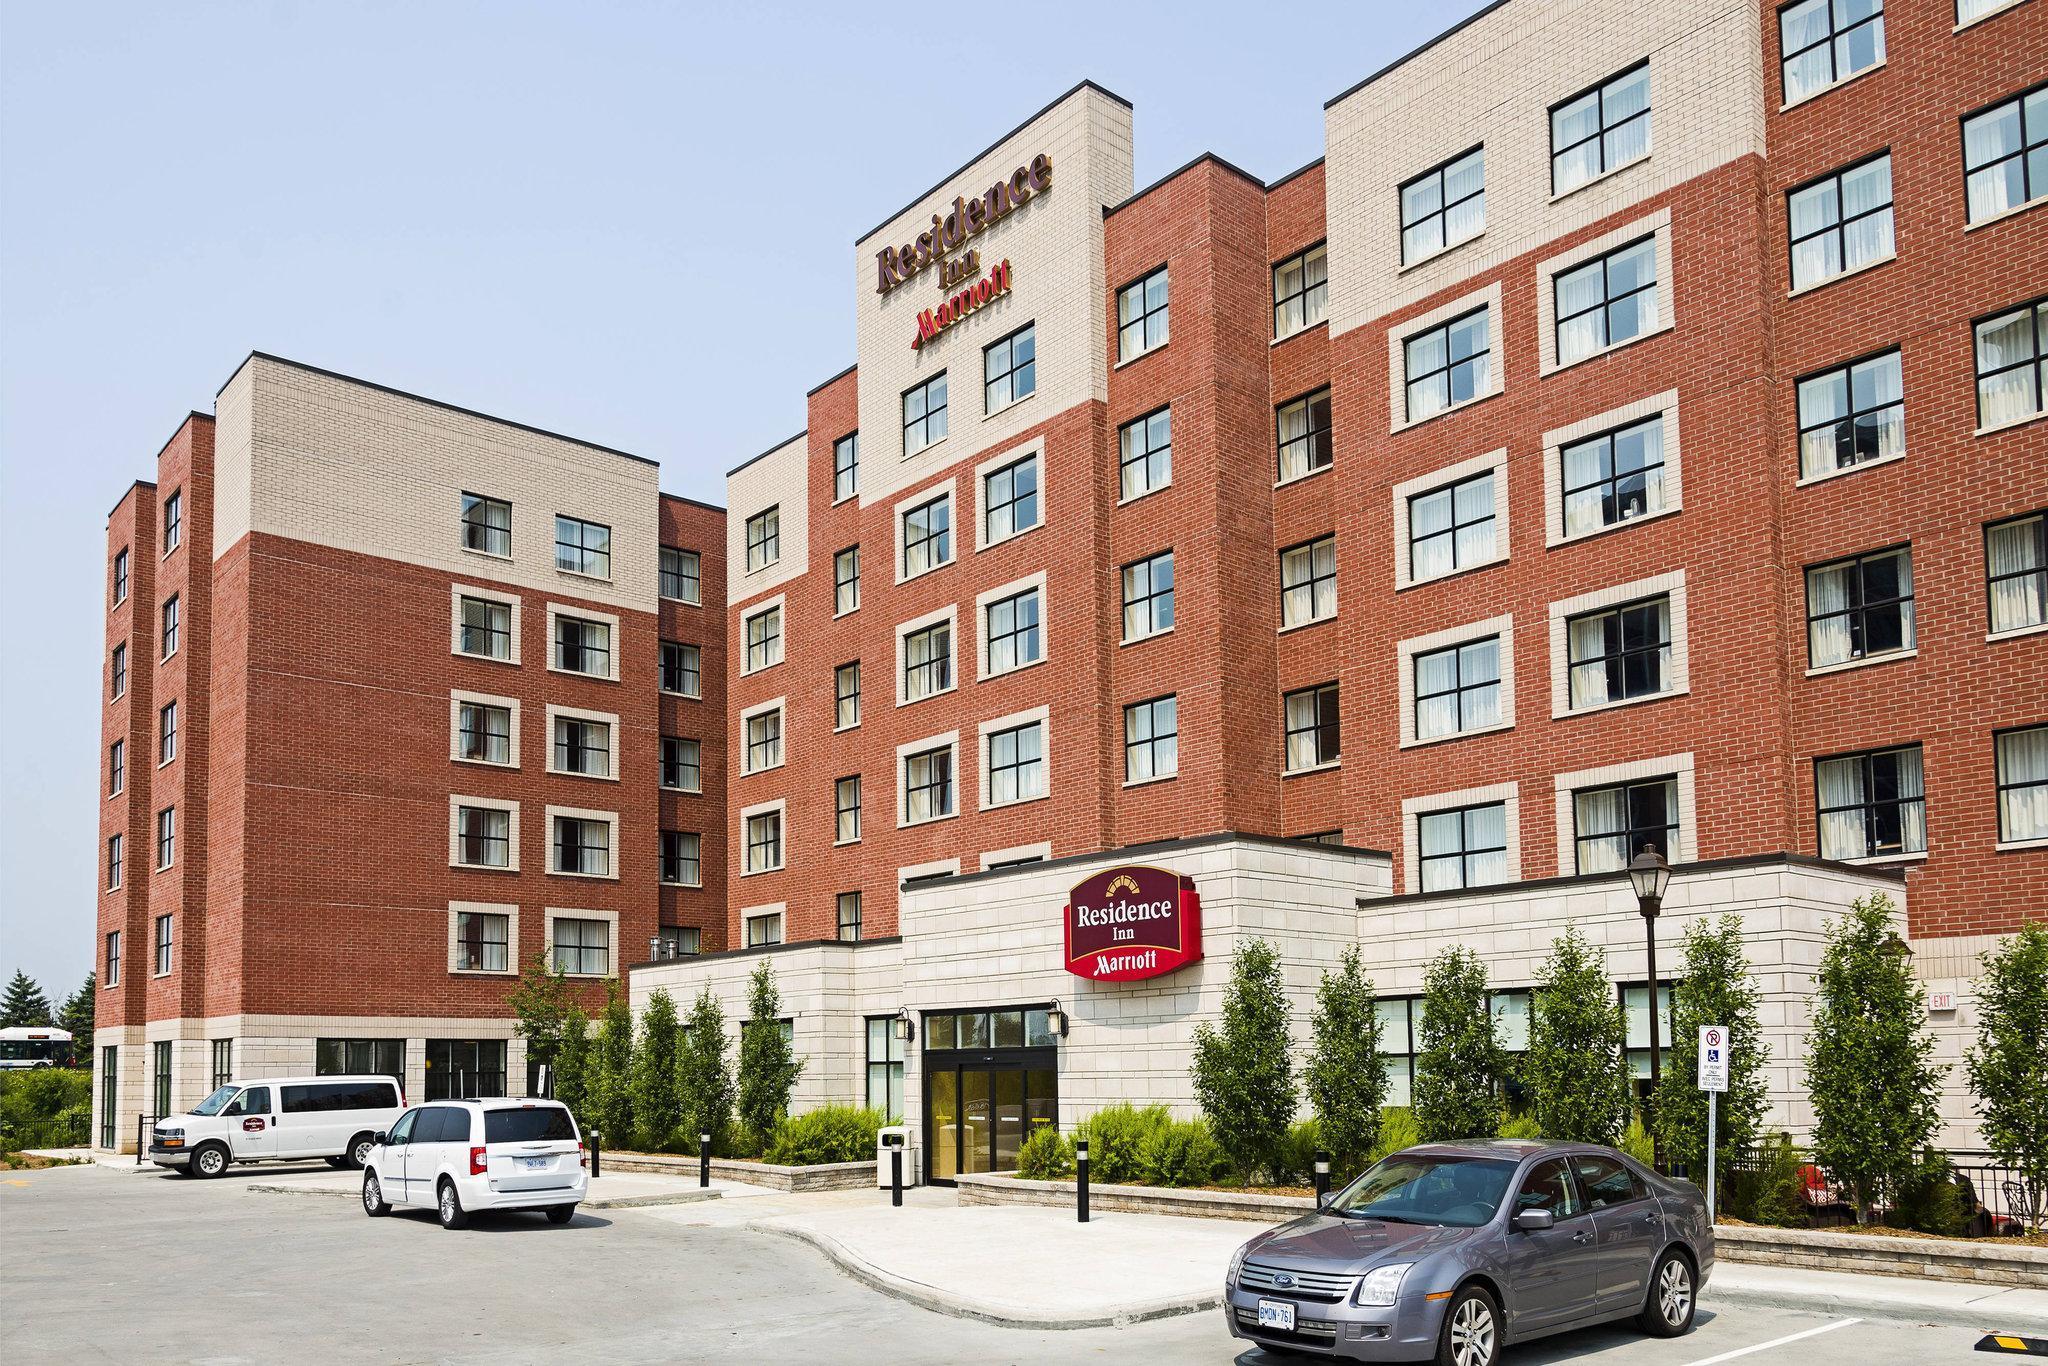 Residence Inn By Marriott Ottawa Airport